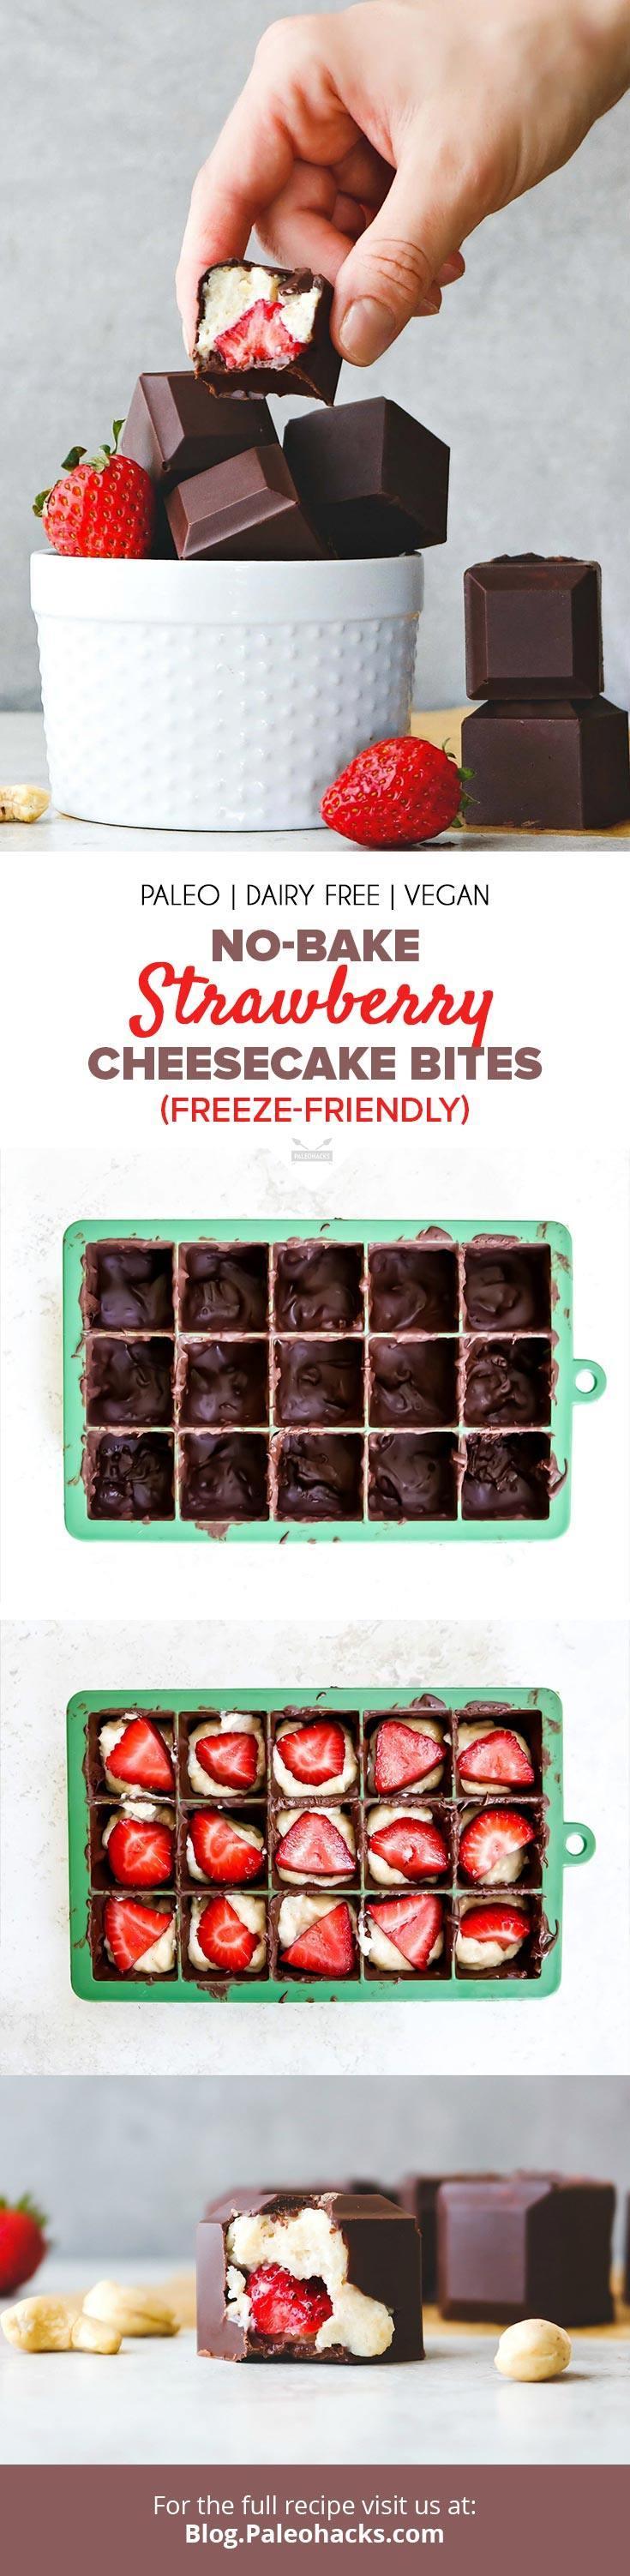 PIN-No-Bake-Strawberry-Cheesecake-Bites.jpg